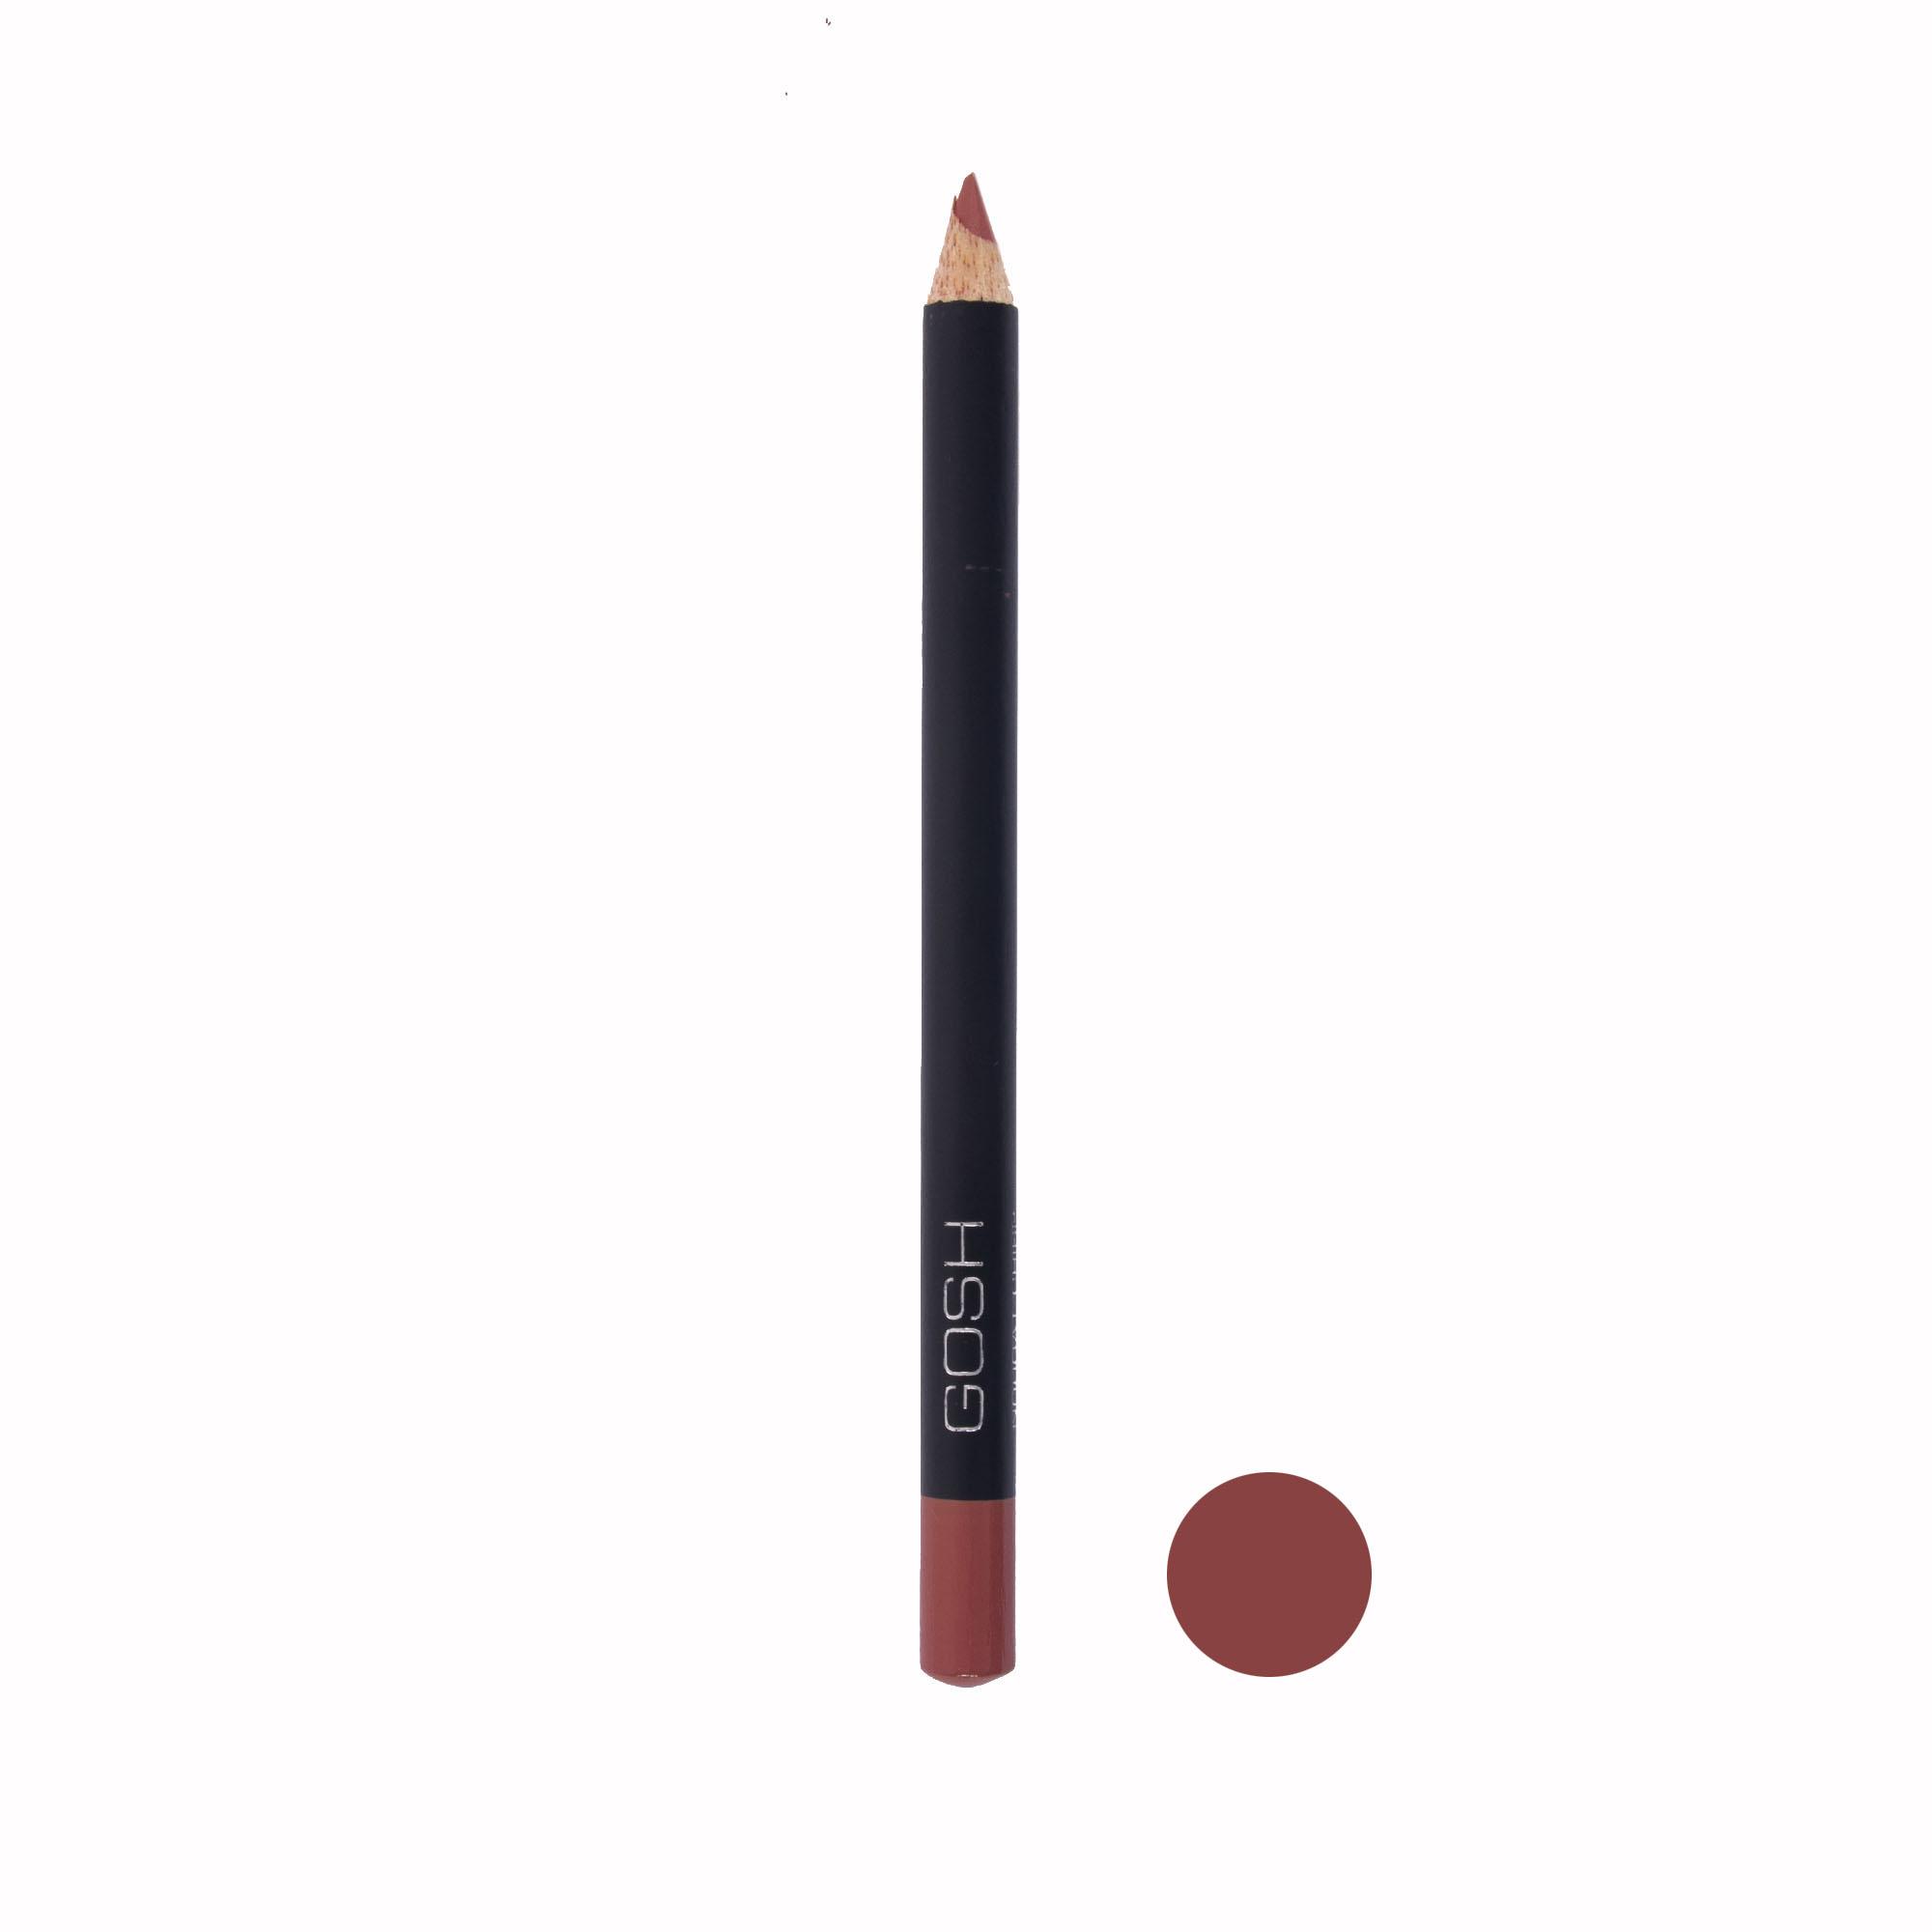 مداد لب گاش مدل ولوت تاچ شماره 250